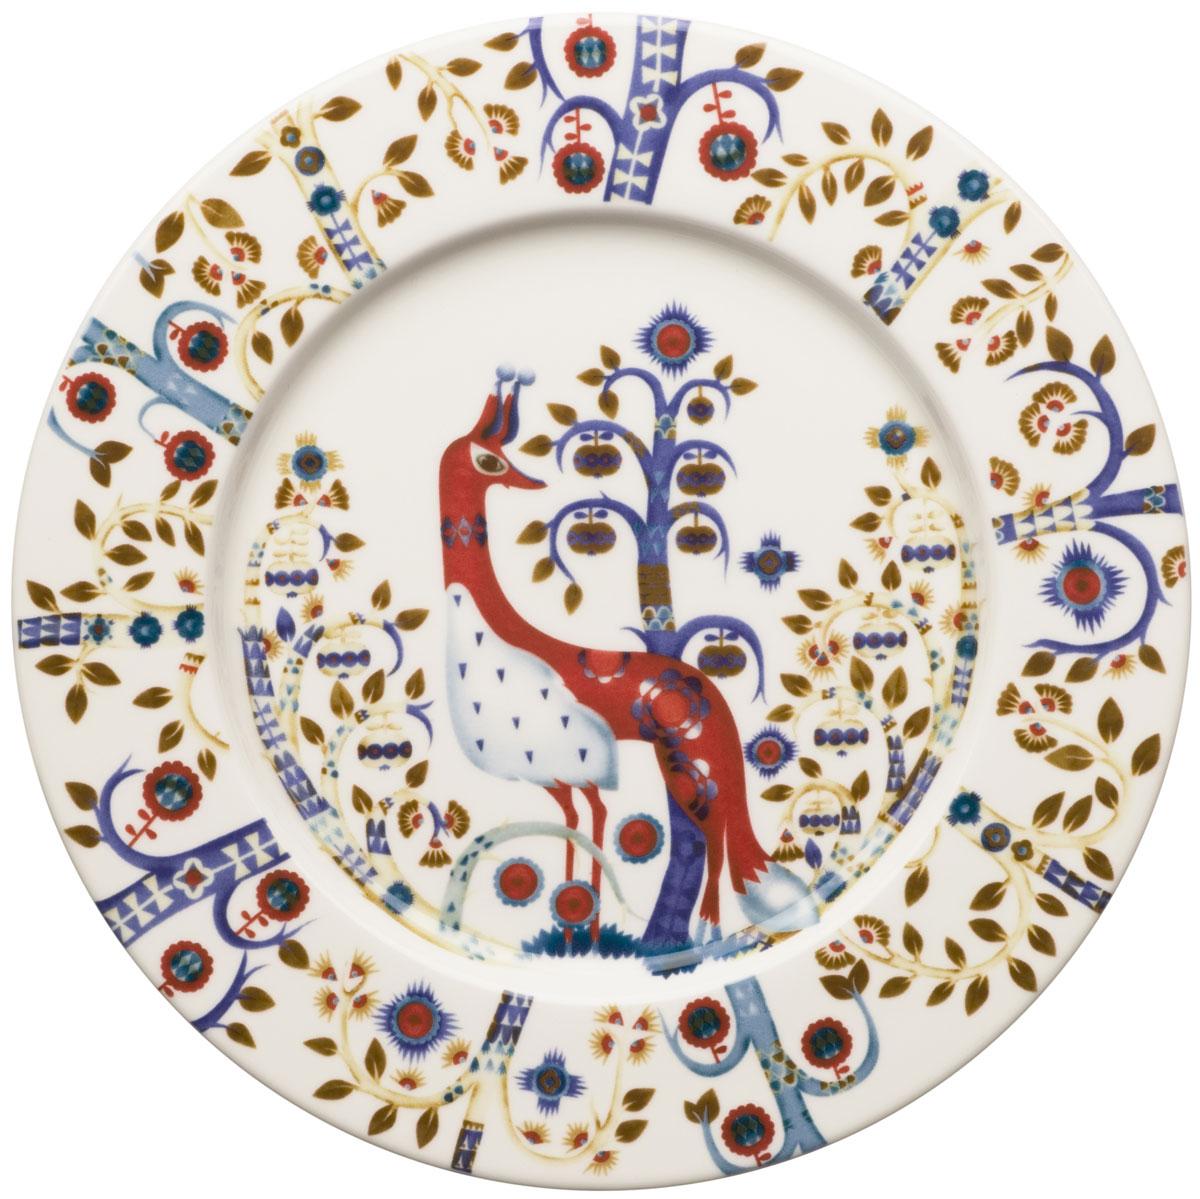 Тарелка Iittala Taika, цвет: белый, диаметр 22 см1012440Тарелка Iittala Taika выполнена из качественного жароустойчивого прочного фарфора с долговечным стекловидным эмалевым покрытием.Можно мыть в посудомоечной машине. Диаметр: 22 см.